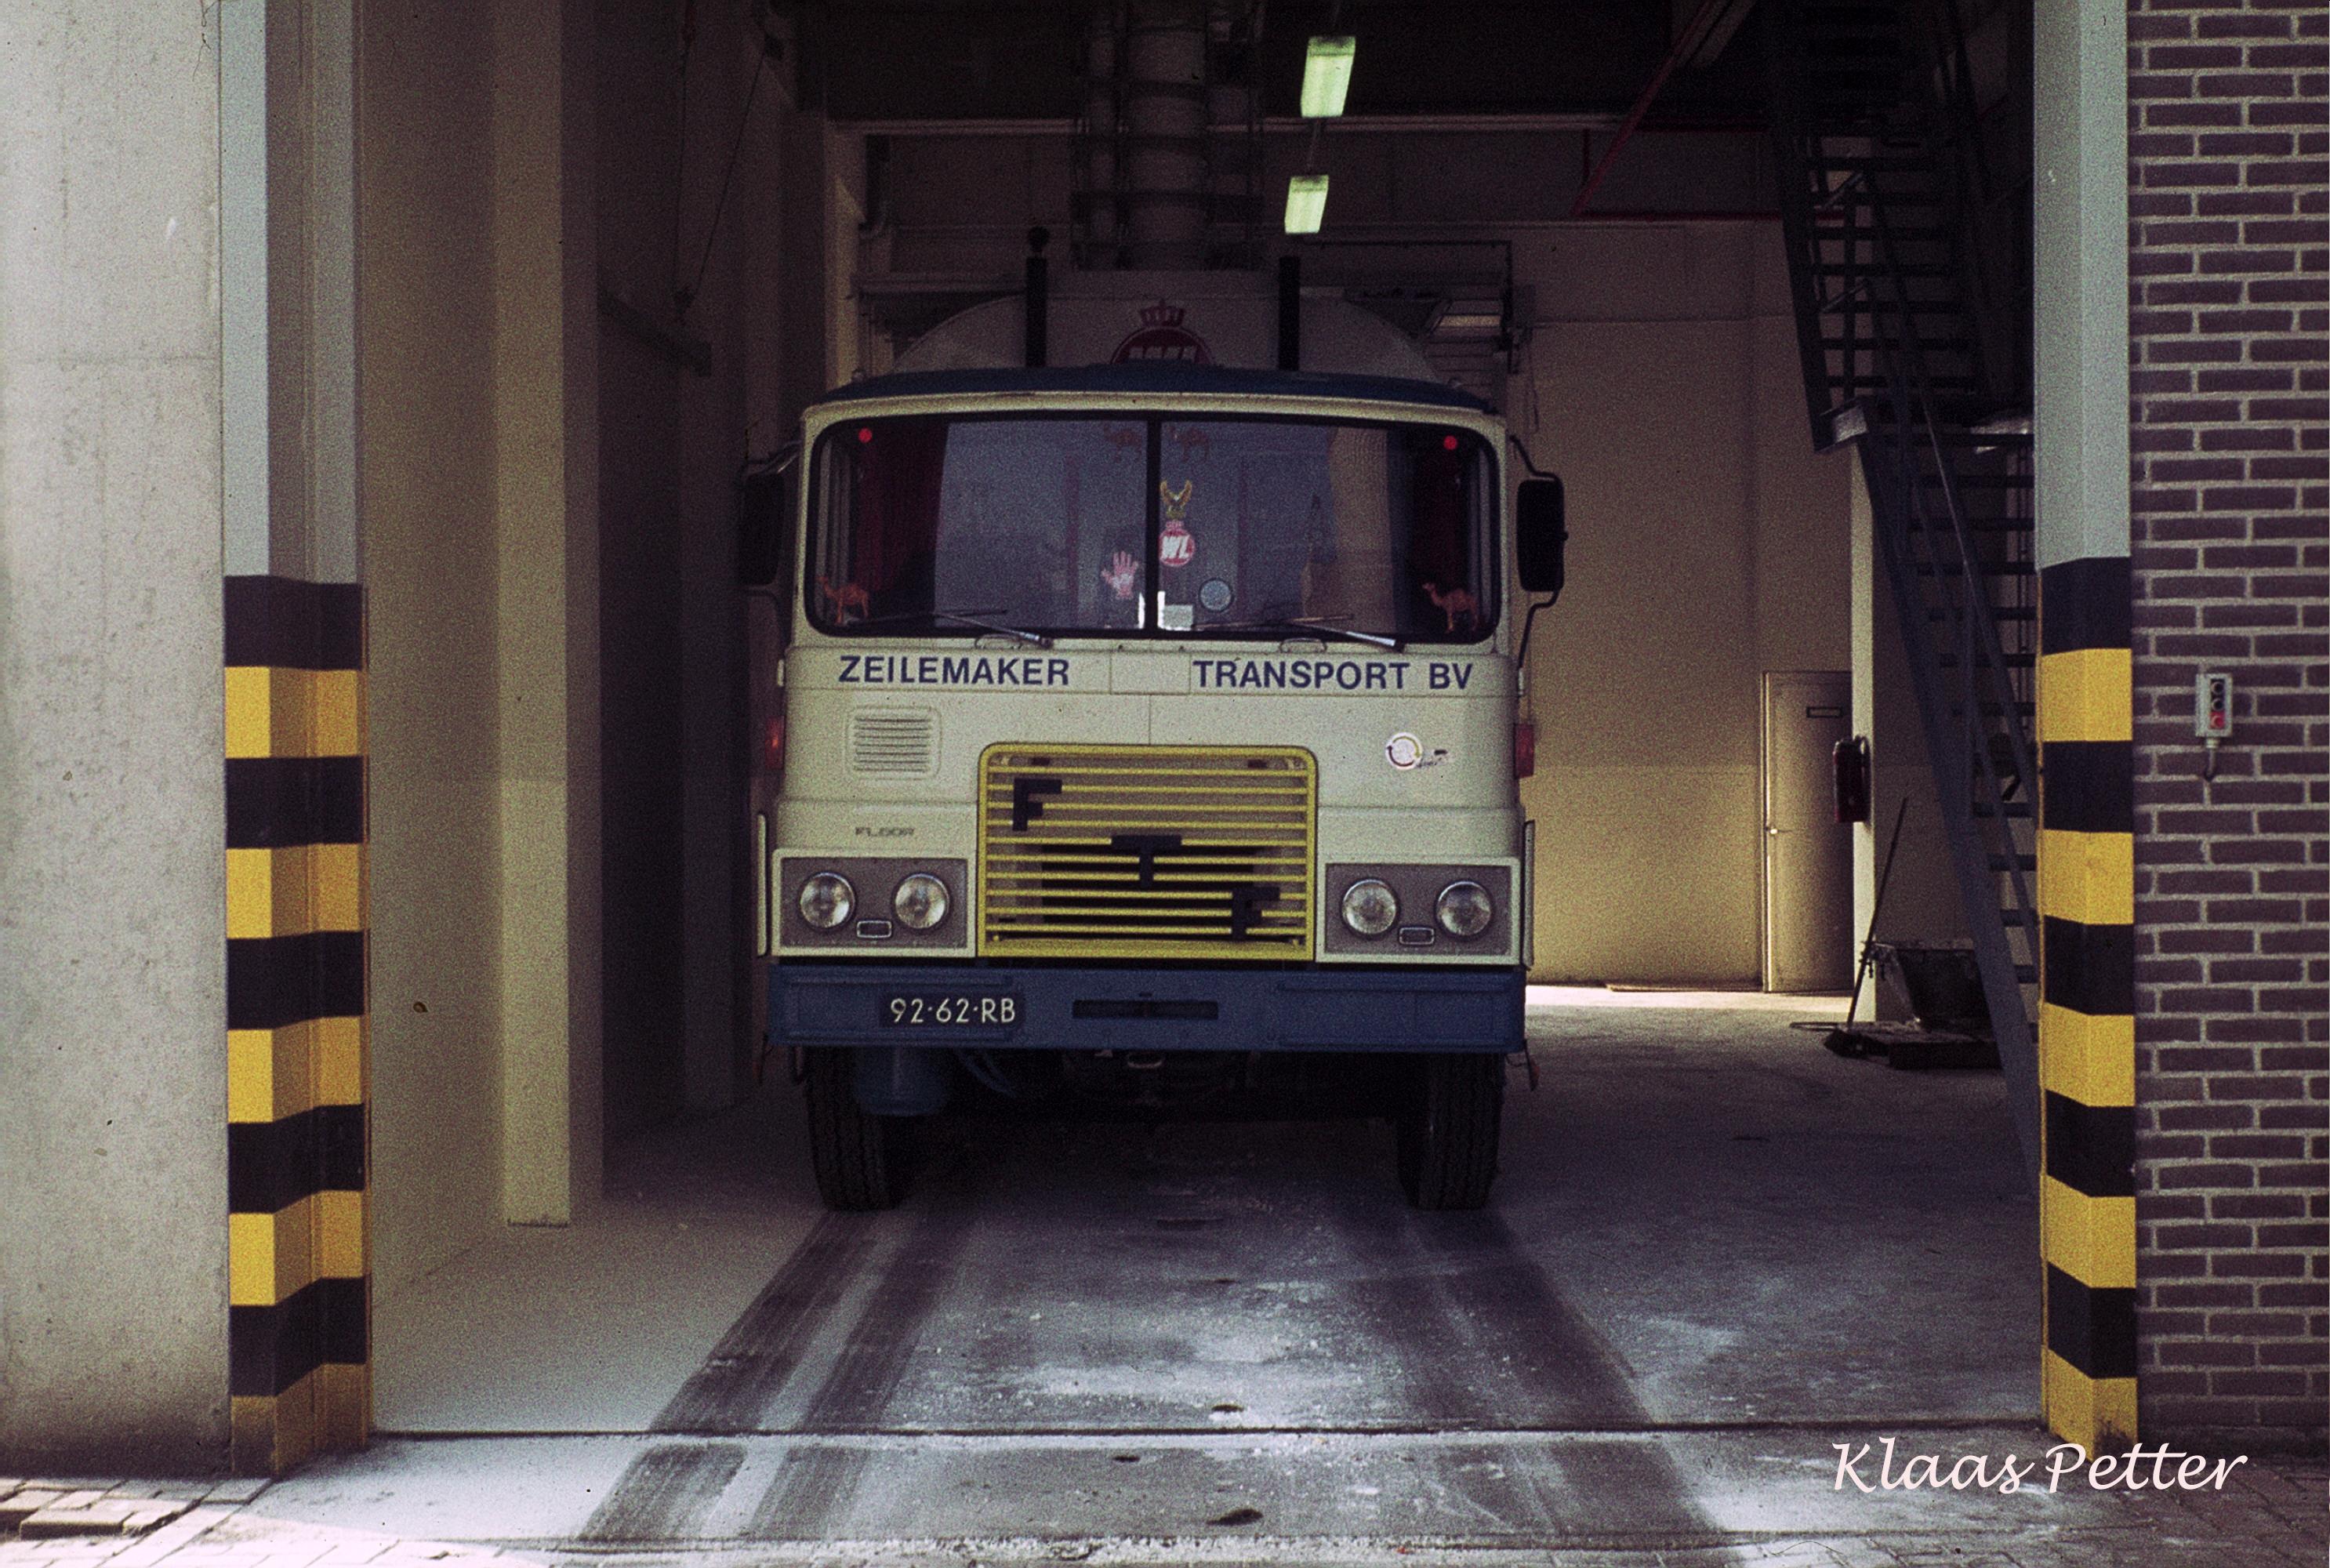 FTF-Laden-in-de-kalvermelkpoeder-fabriek-van-WESSANEN--